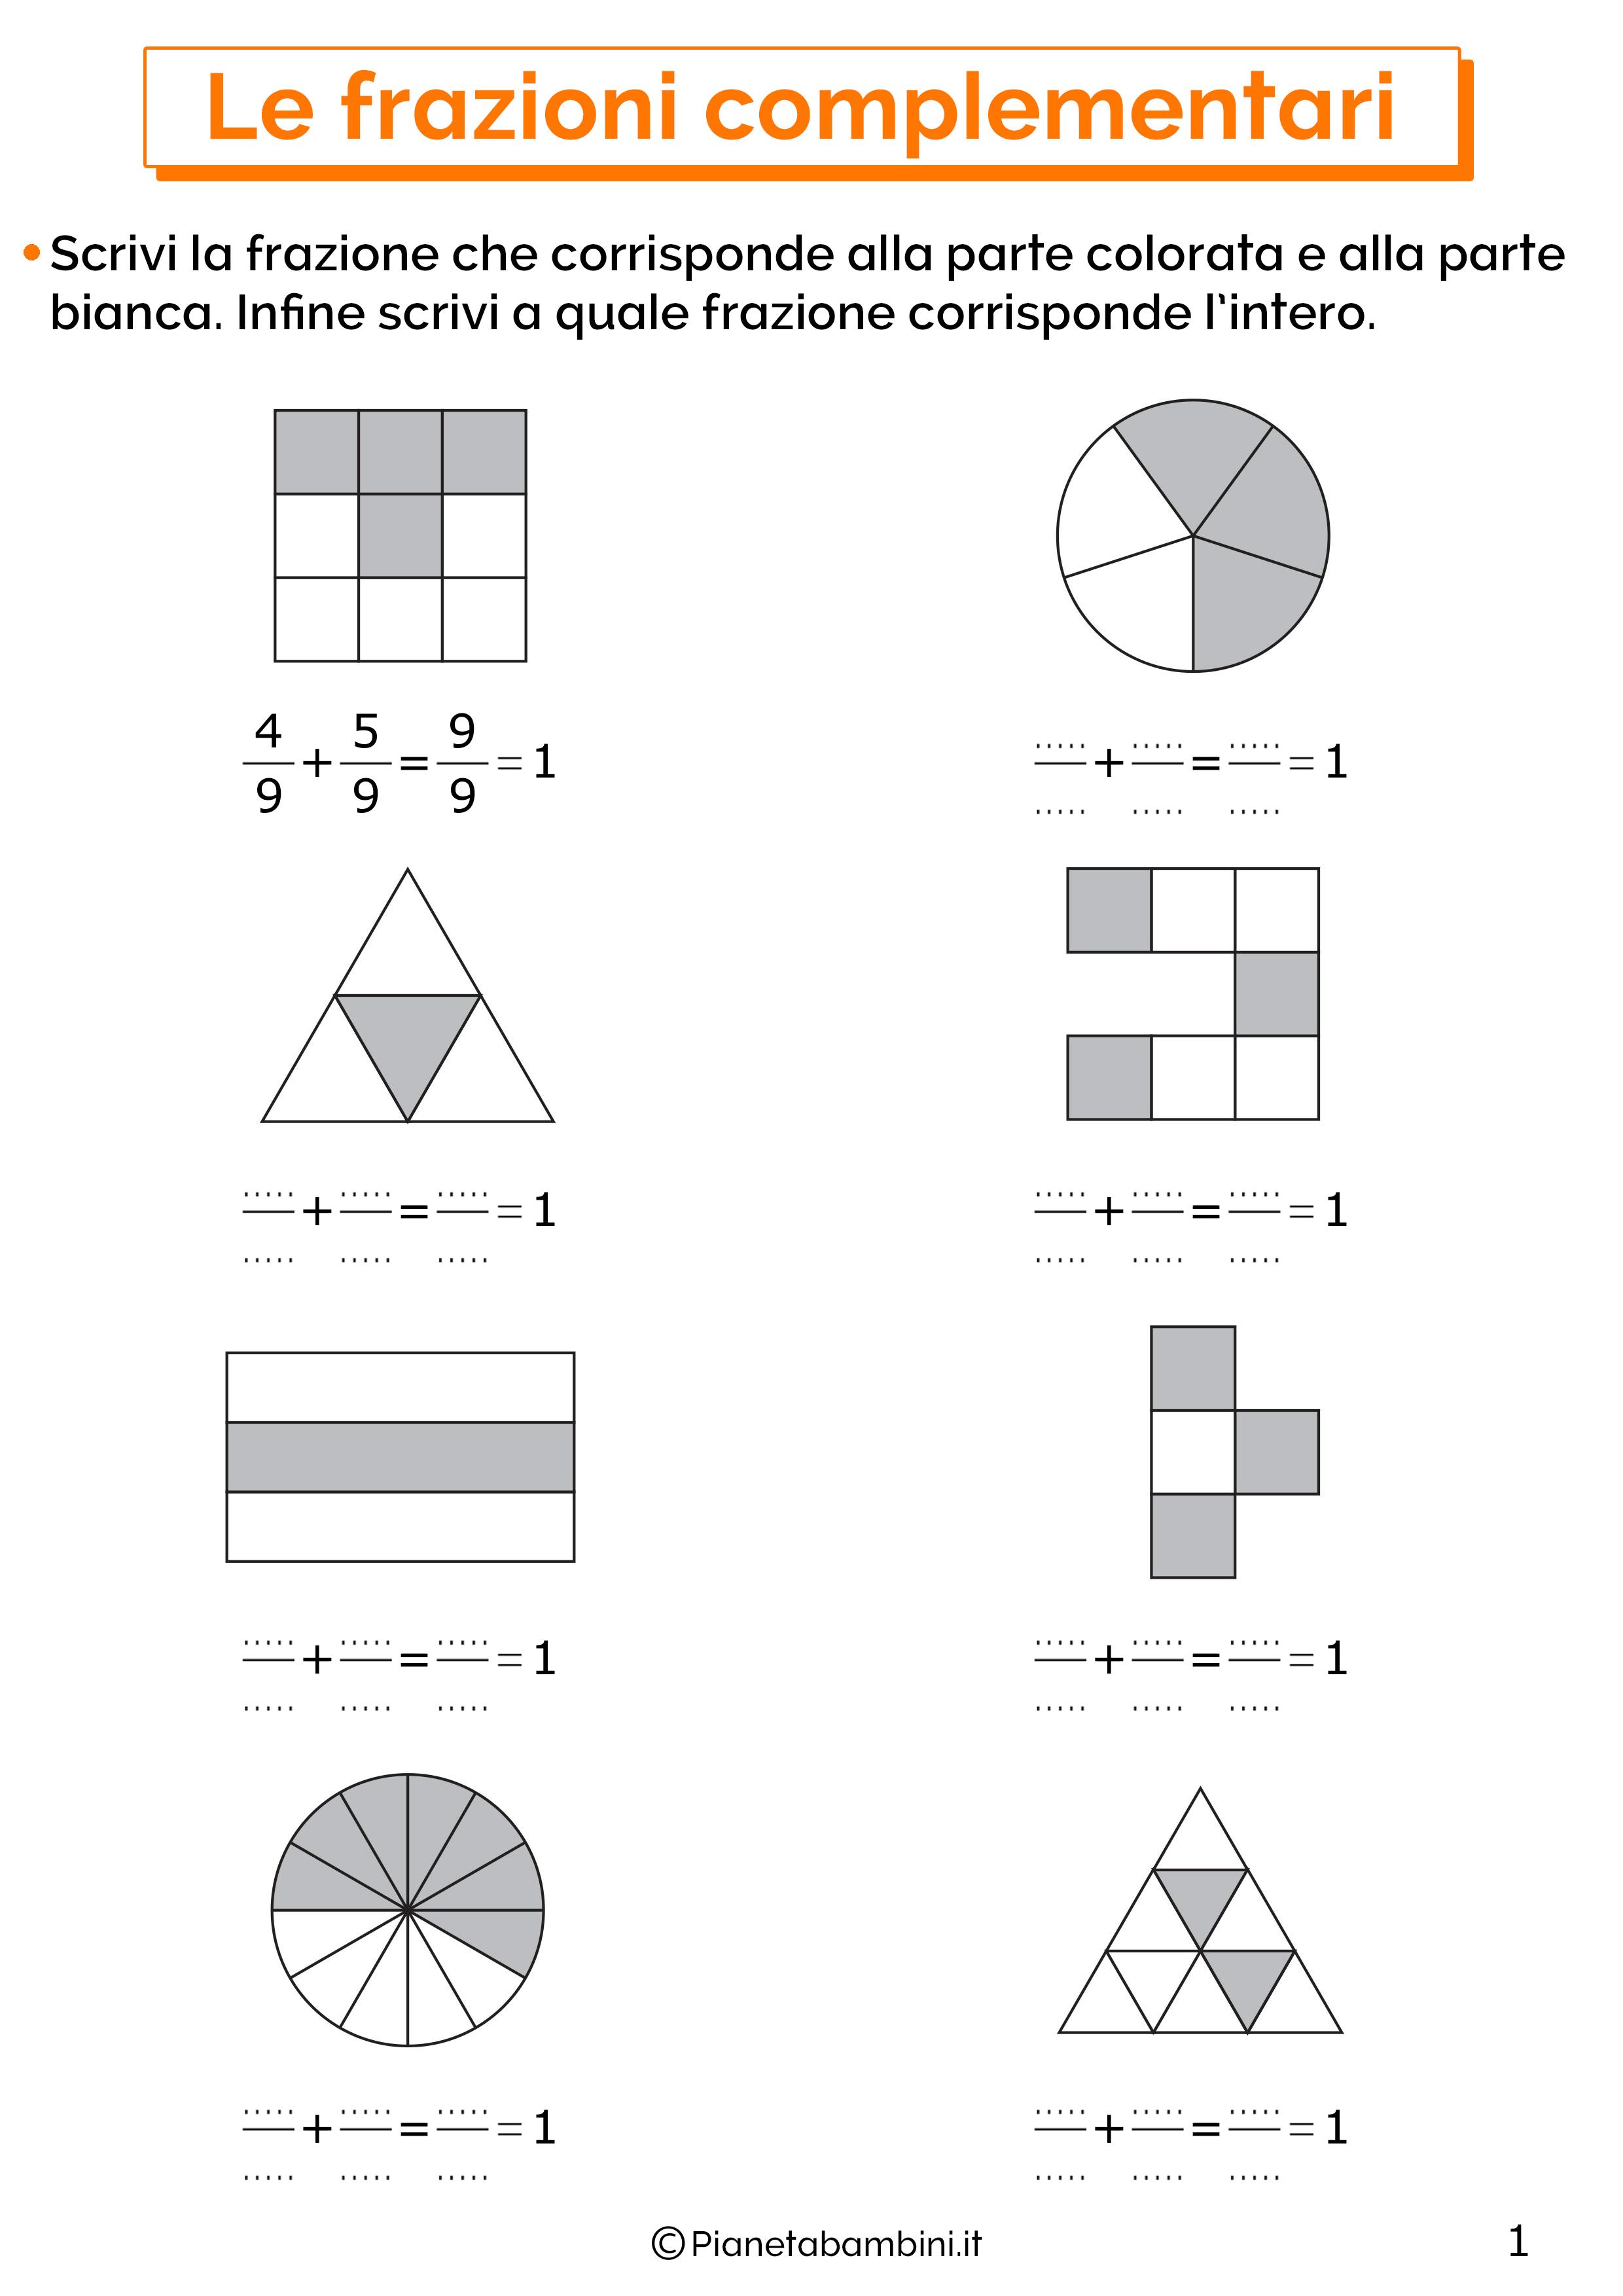 Esercizi sulle frazioni complementari 1